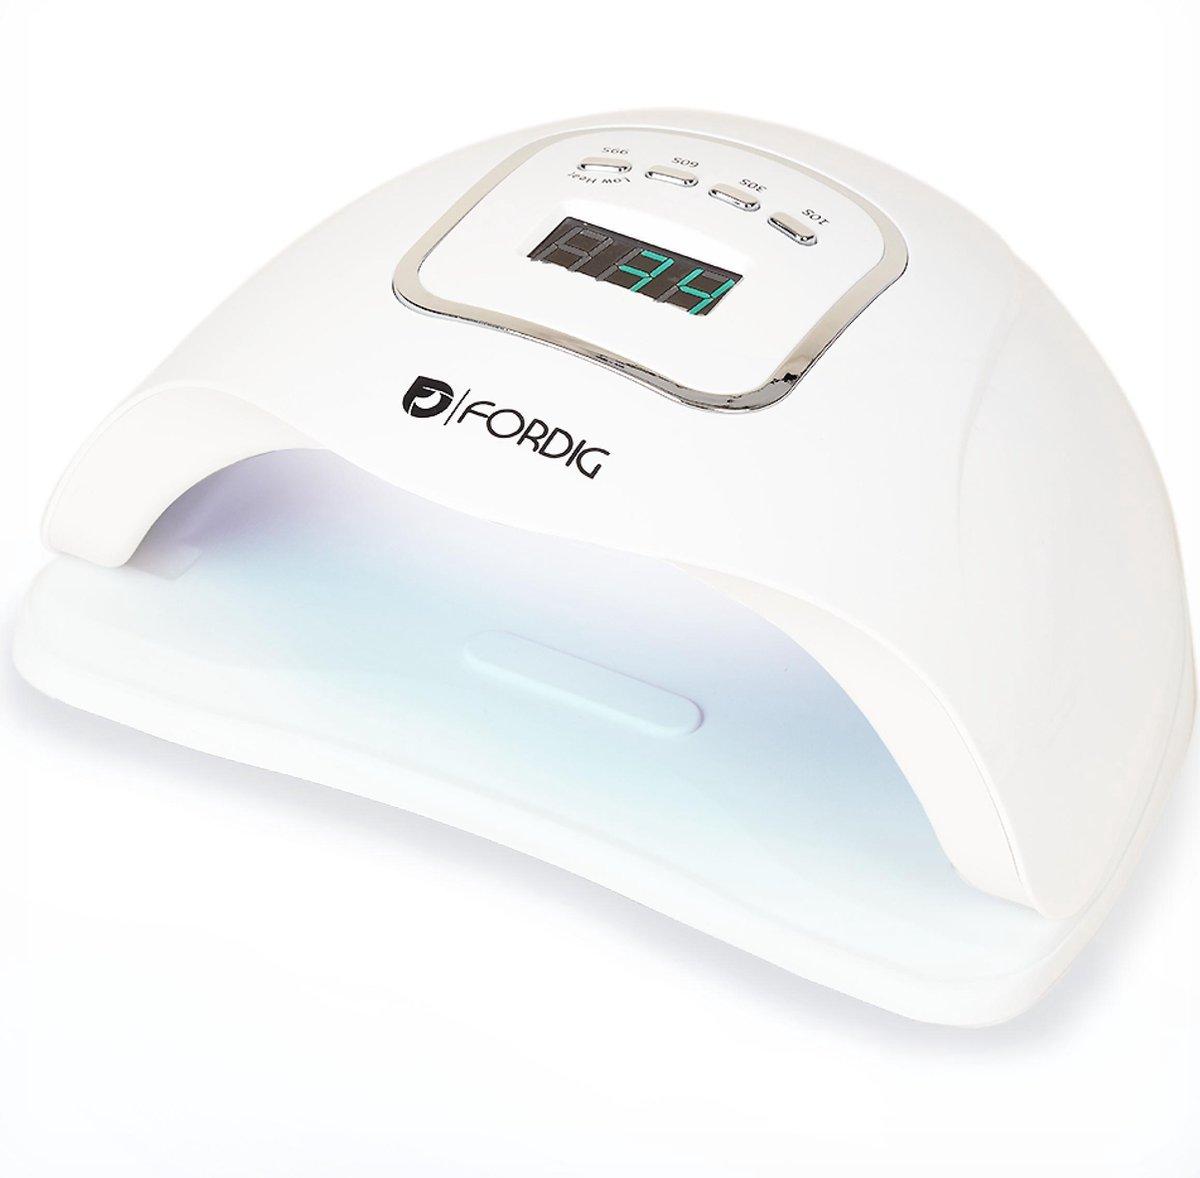 ForDig 80W Professionele Nageldroger voor Gel Nagels - Nagellak Droger met UV LED Lamp en Timer voor